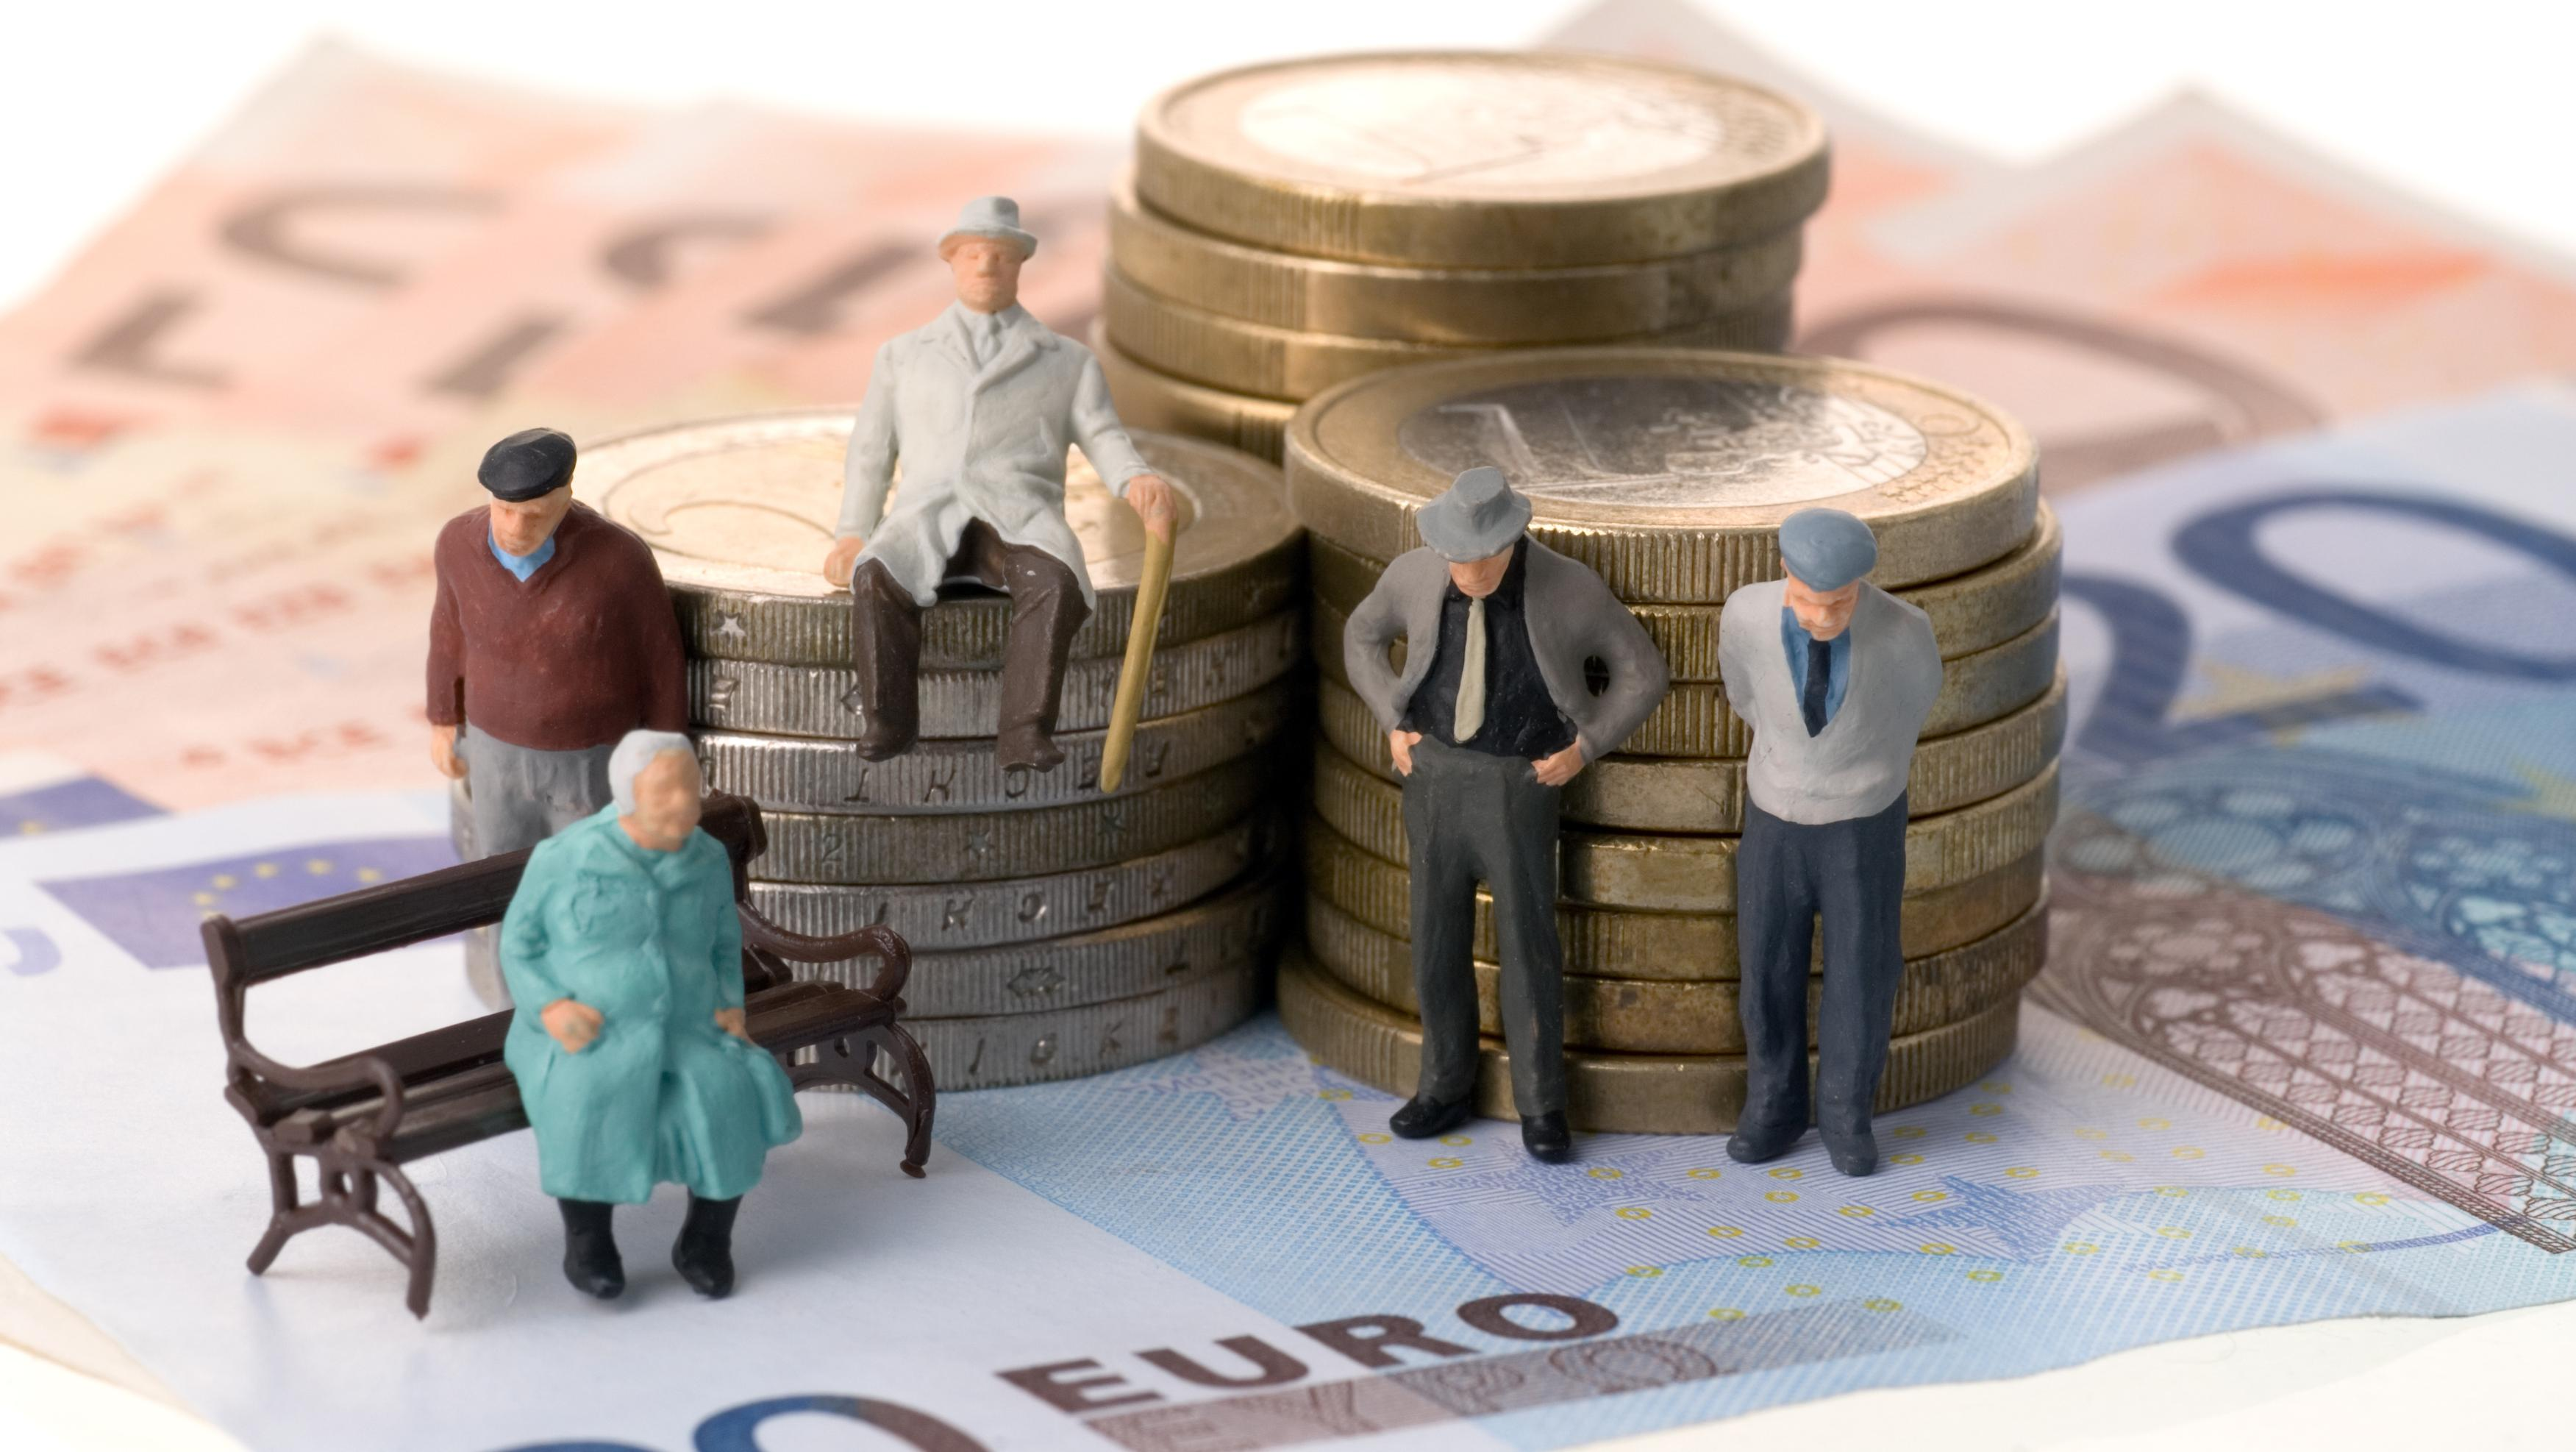 Муниципальная пенсия с 1 января 2016 года